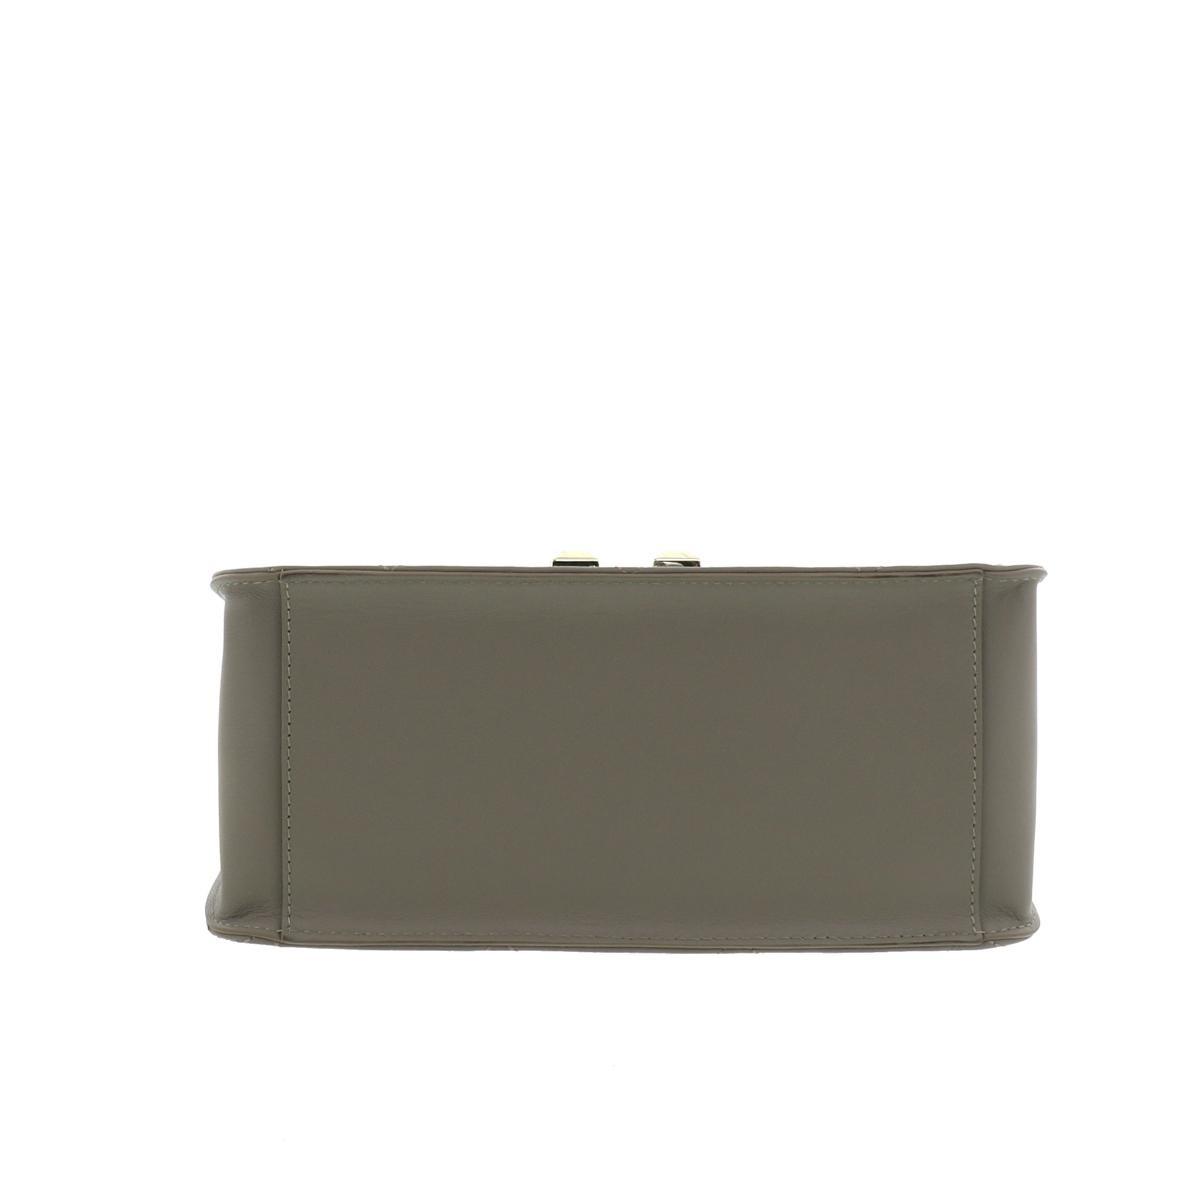 【中古】FURLA (フルラ) 2WAY ショルダーバッグ バッグ トートバッグ Shoulder Bag Gray 1006267 BUA2 unused:S